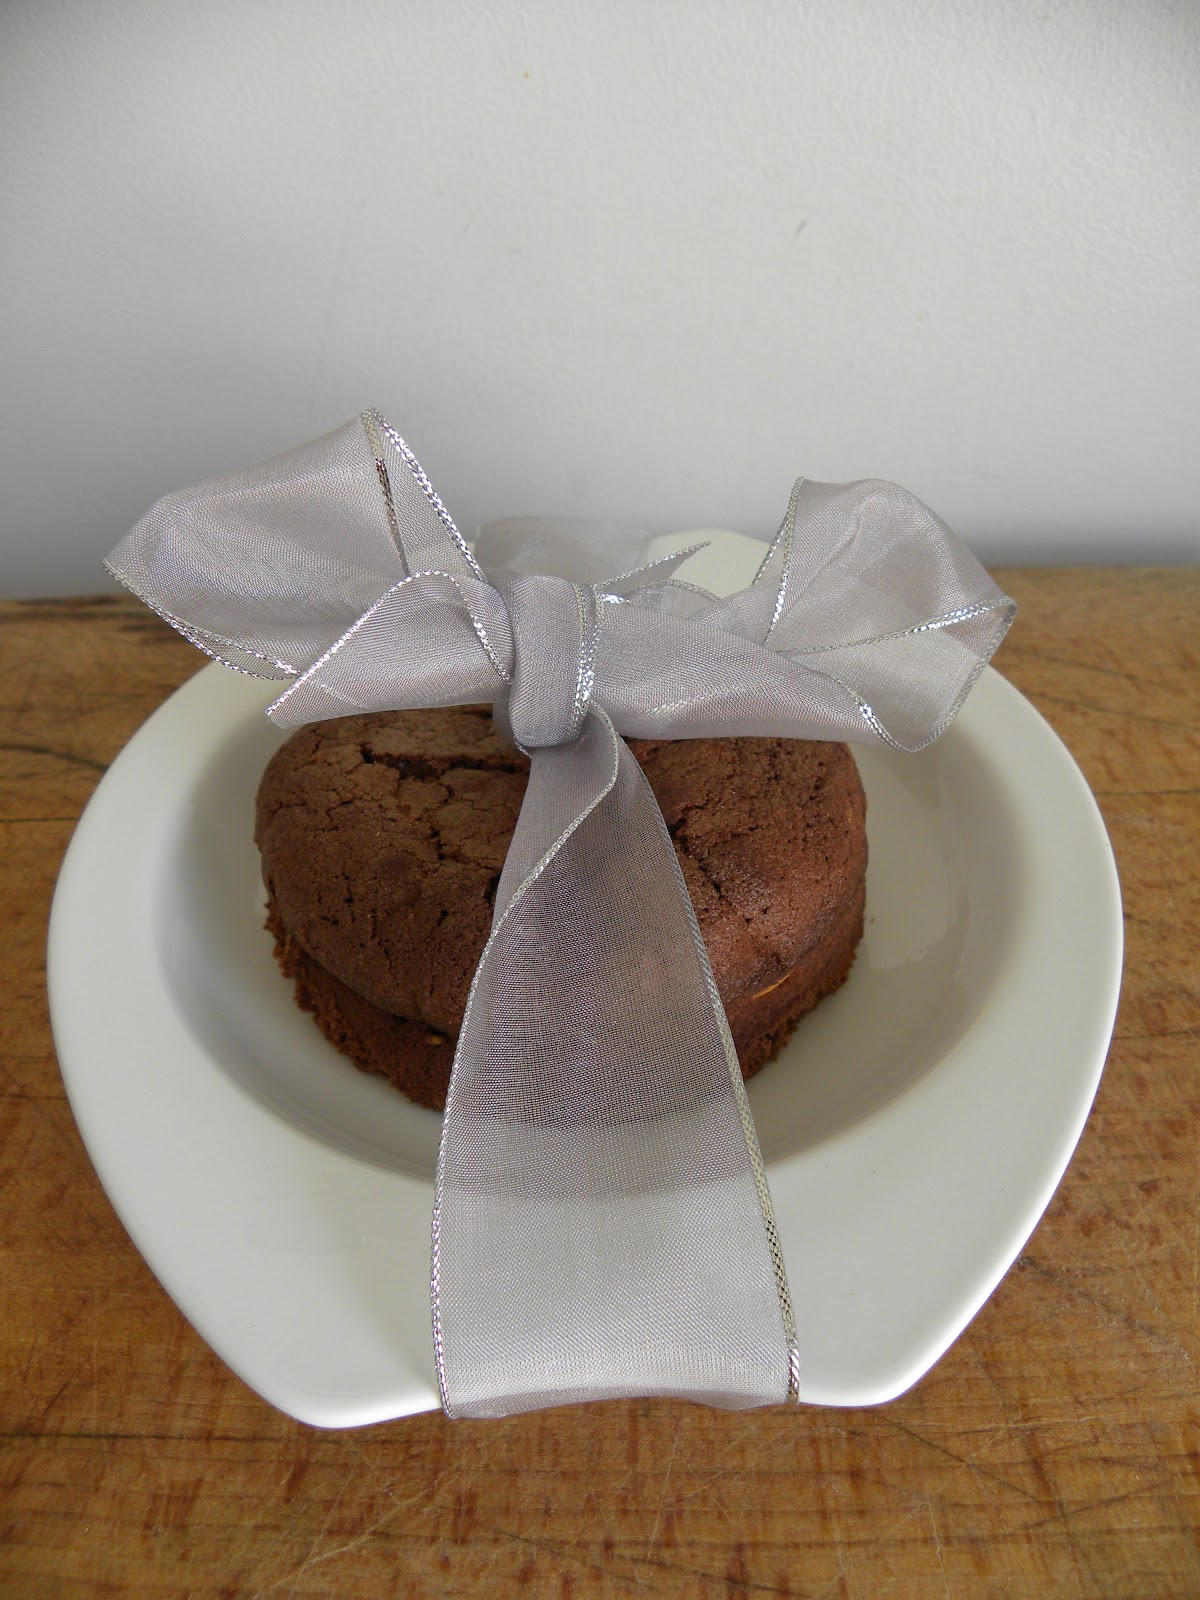 vadrouilles gourmandes brownies aux cacahu tes et la cr me de marron. Black Bedroom Furniture Sets. Home Design Ideas